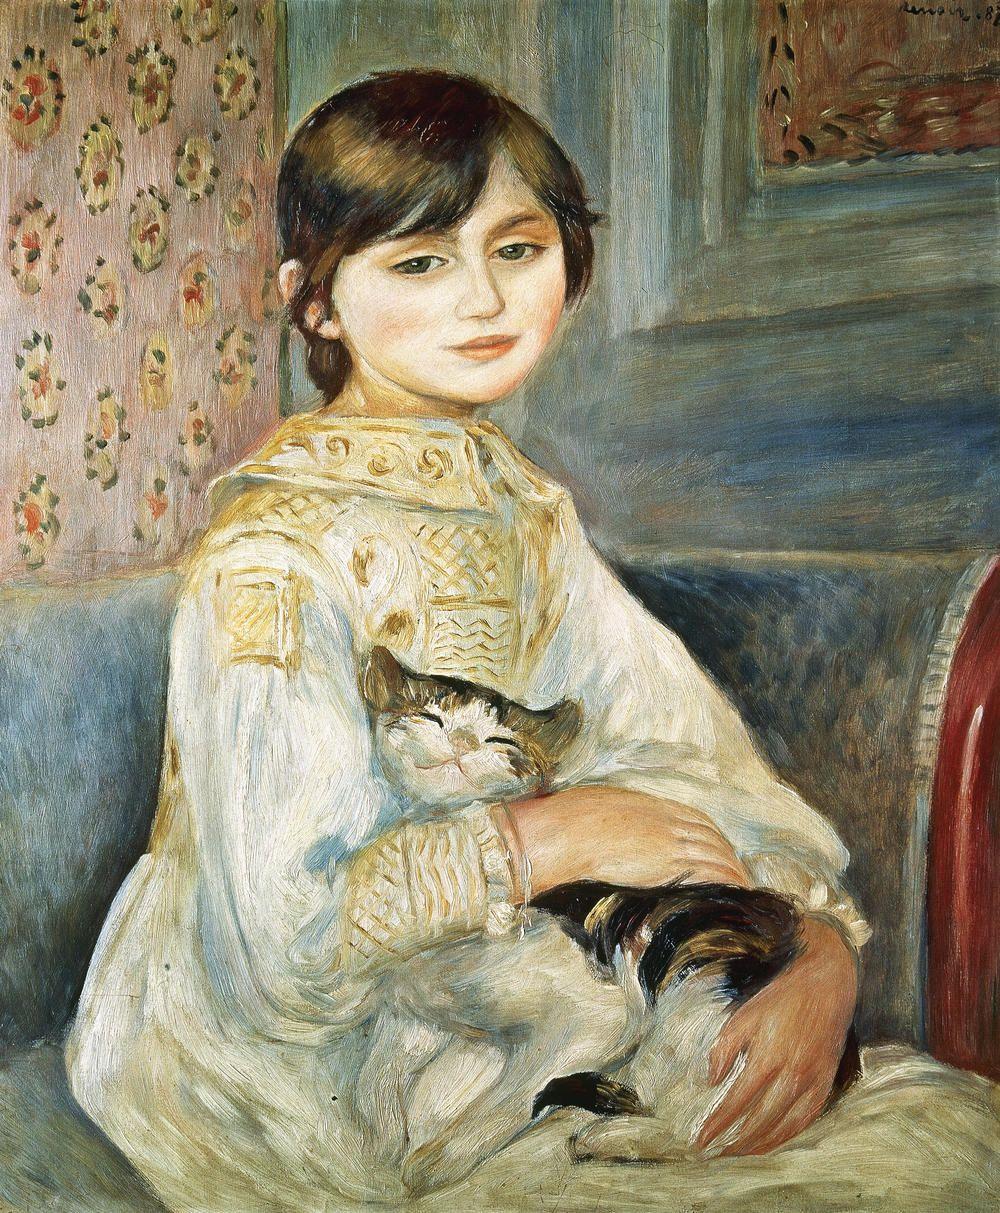 Edouard Manet   Renoir, Peintures renoir, Illustration de chat